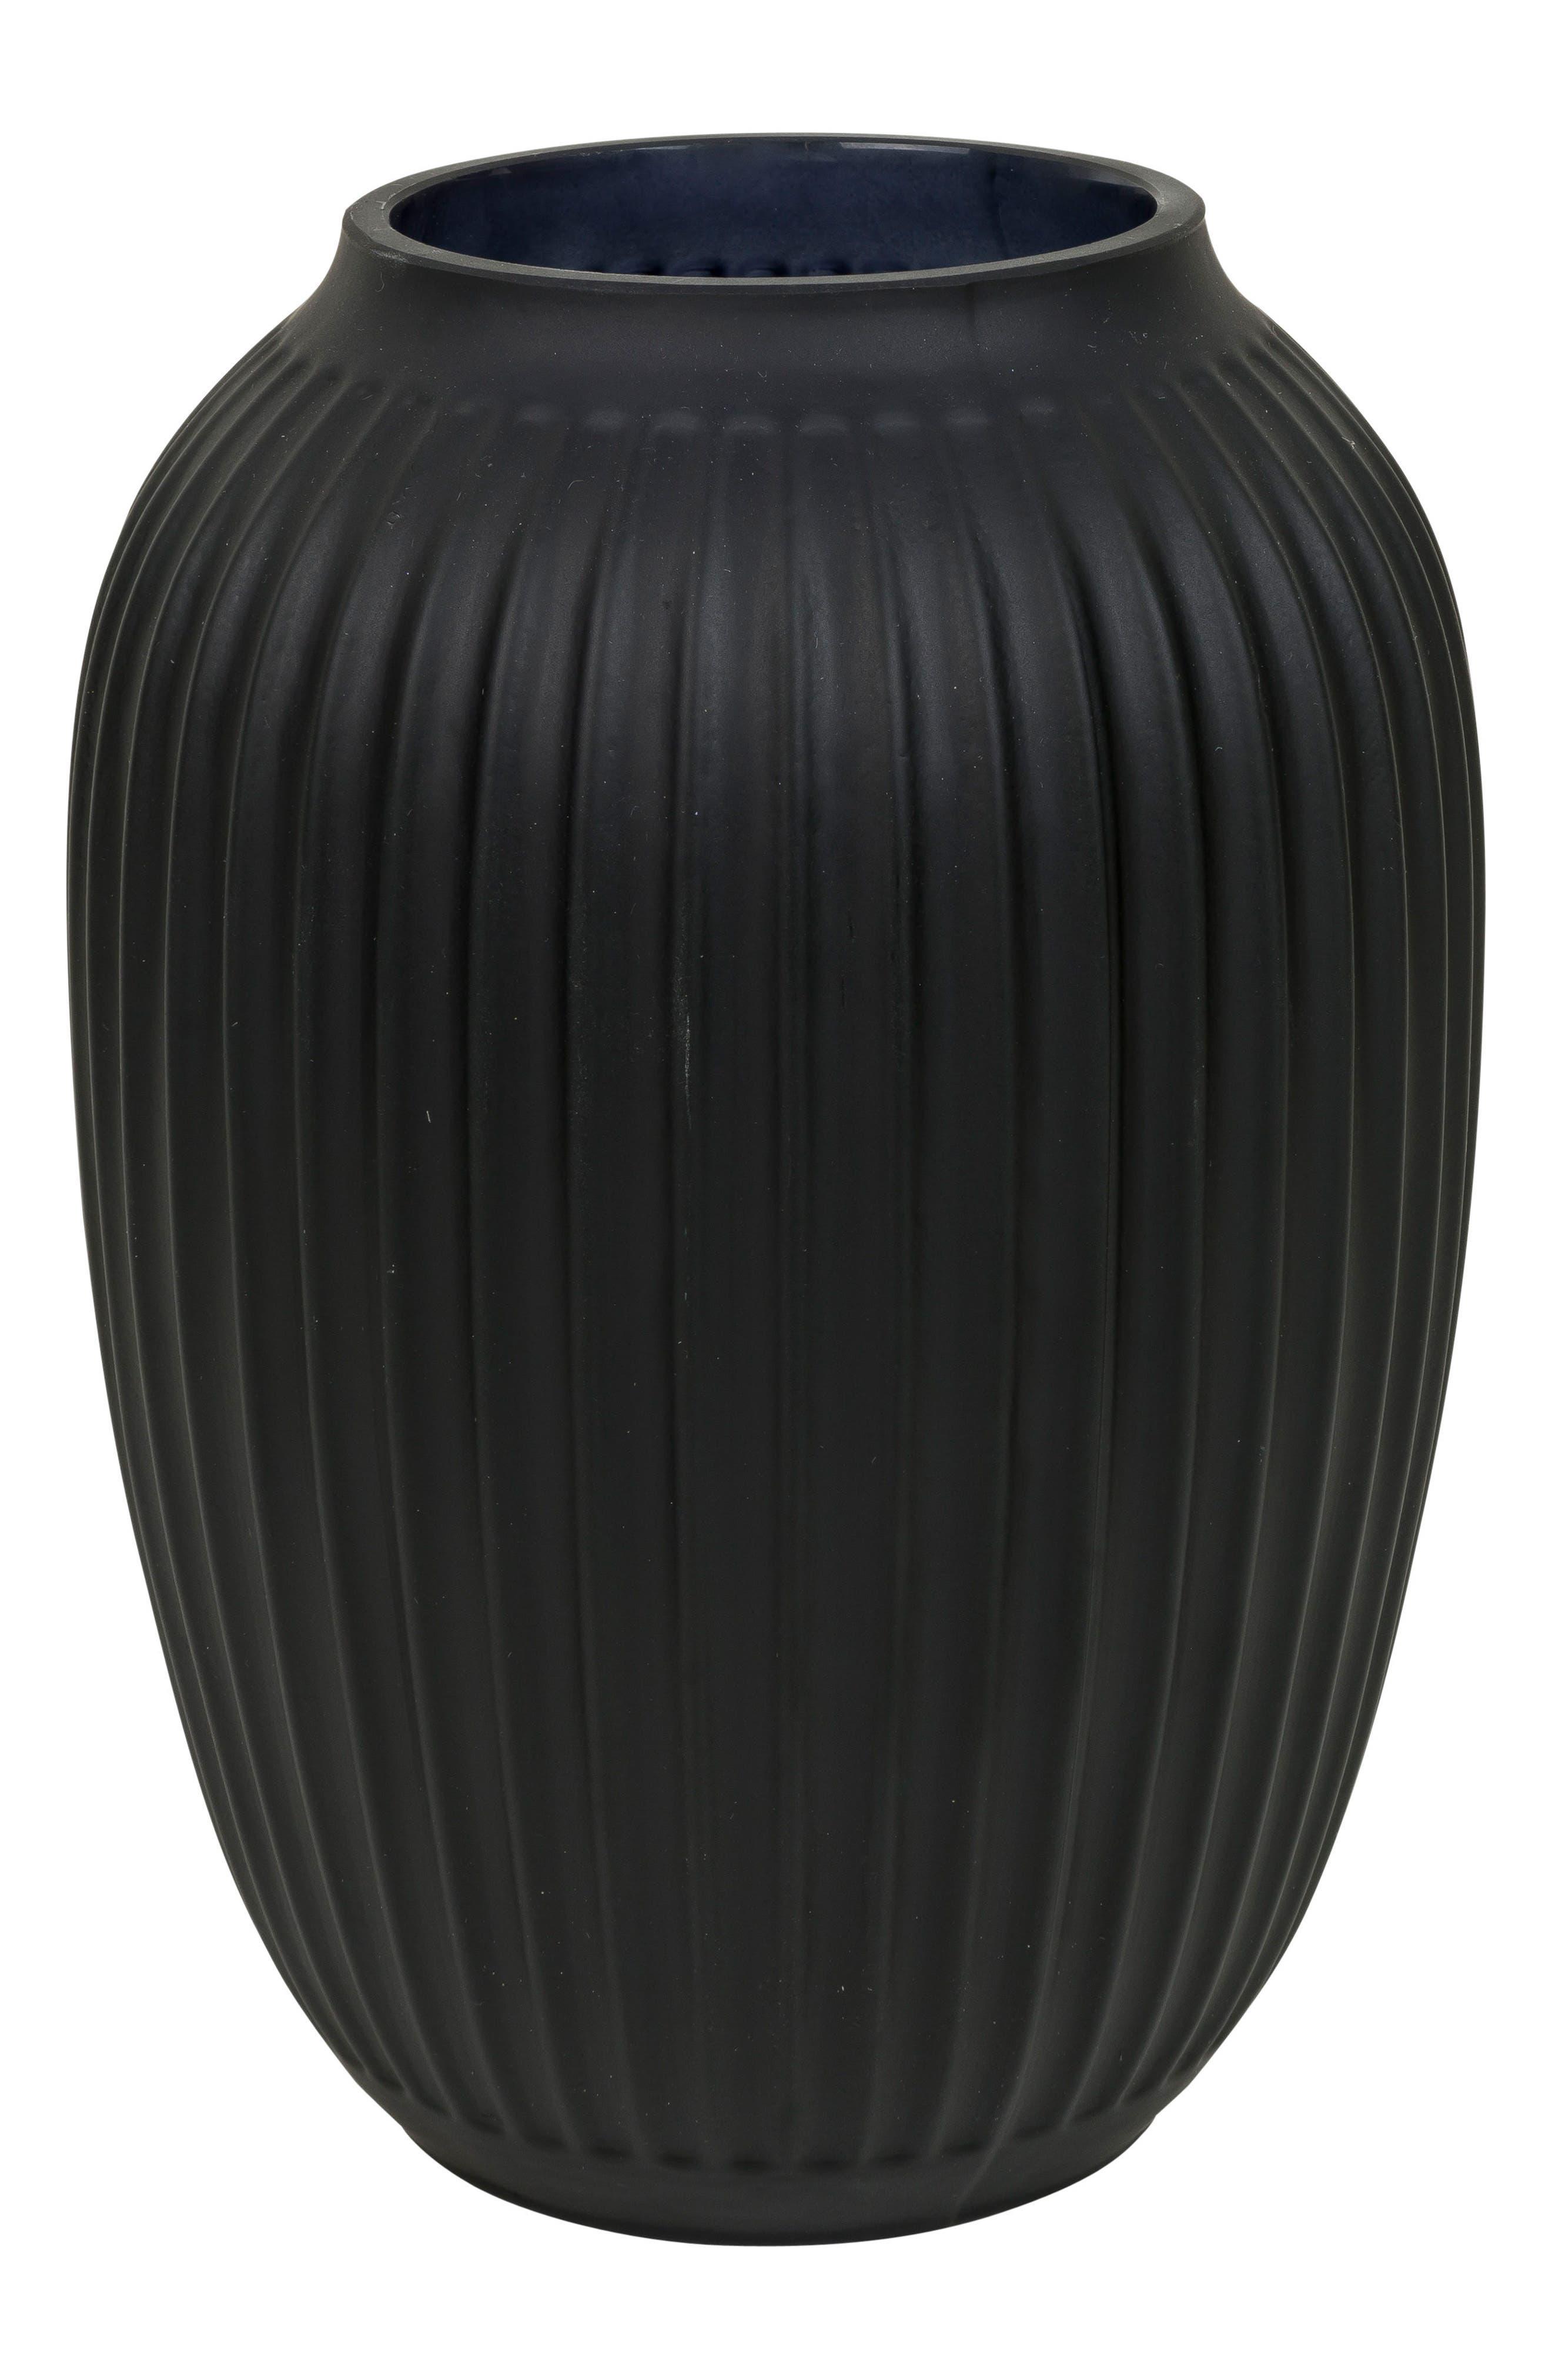 Main Image - Eightmood Visby Vase